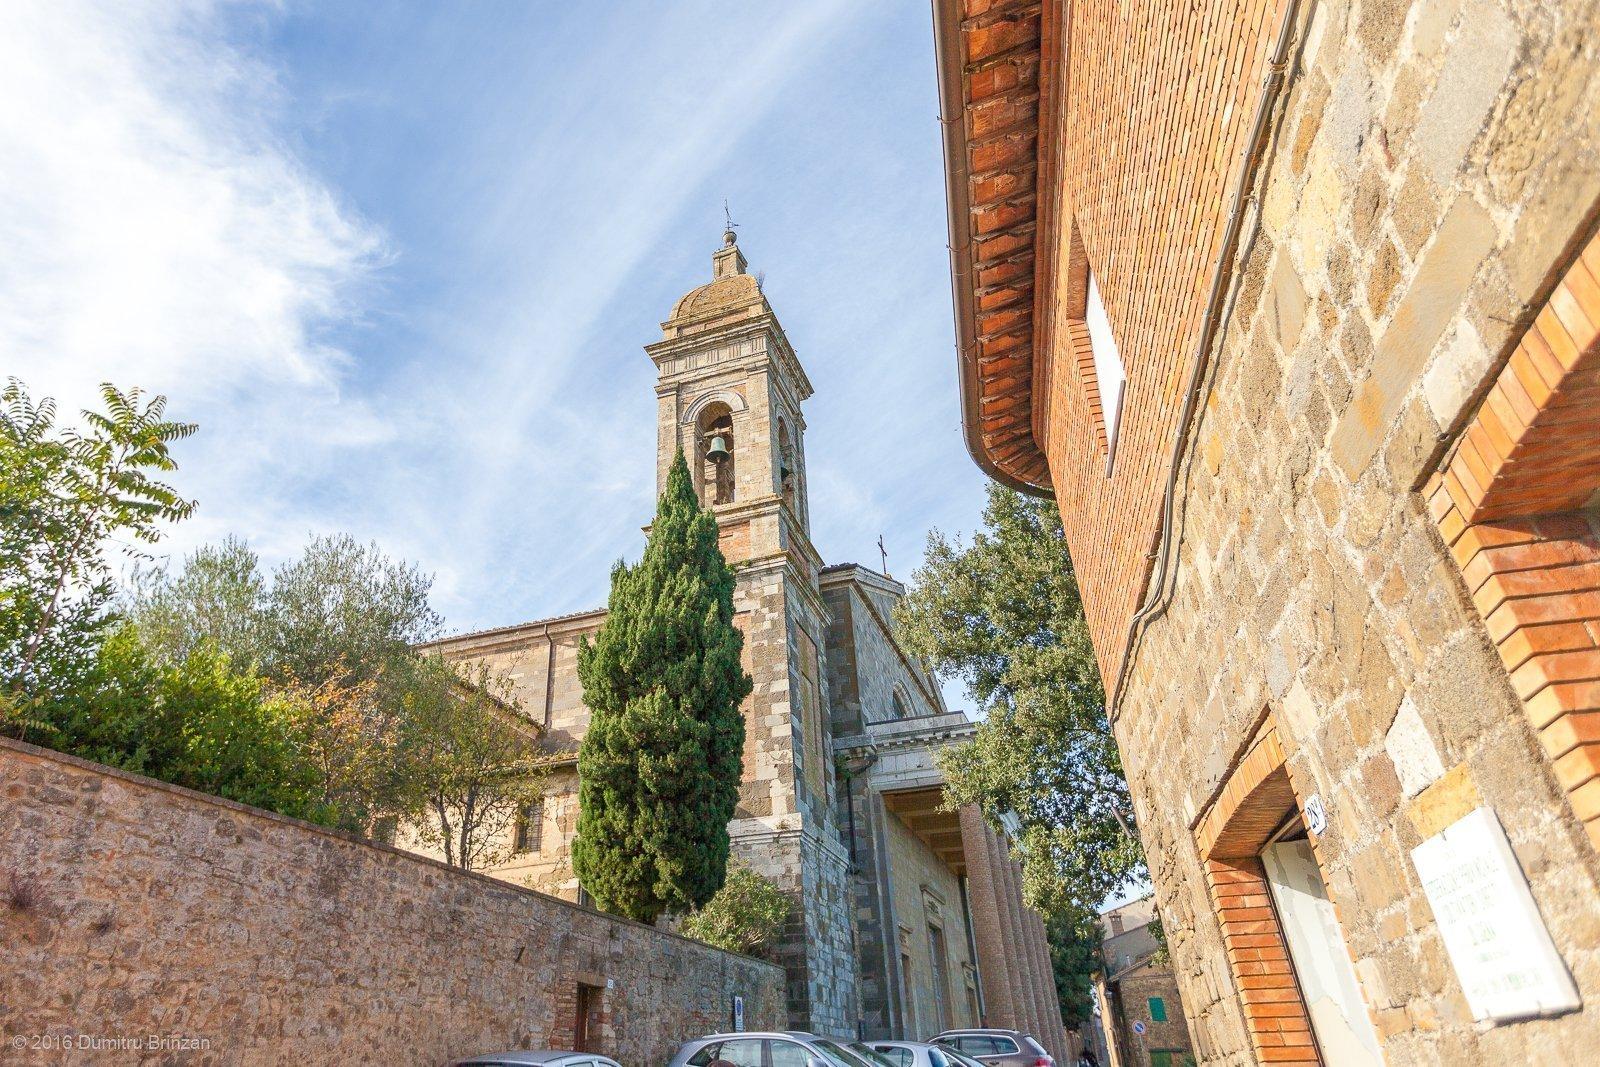 2016-montalcino-tuscany-italy-9-cattedrale-del-santissimo-salvatore